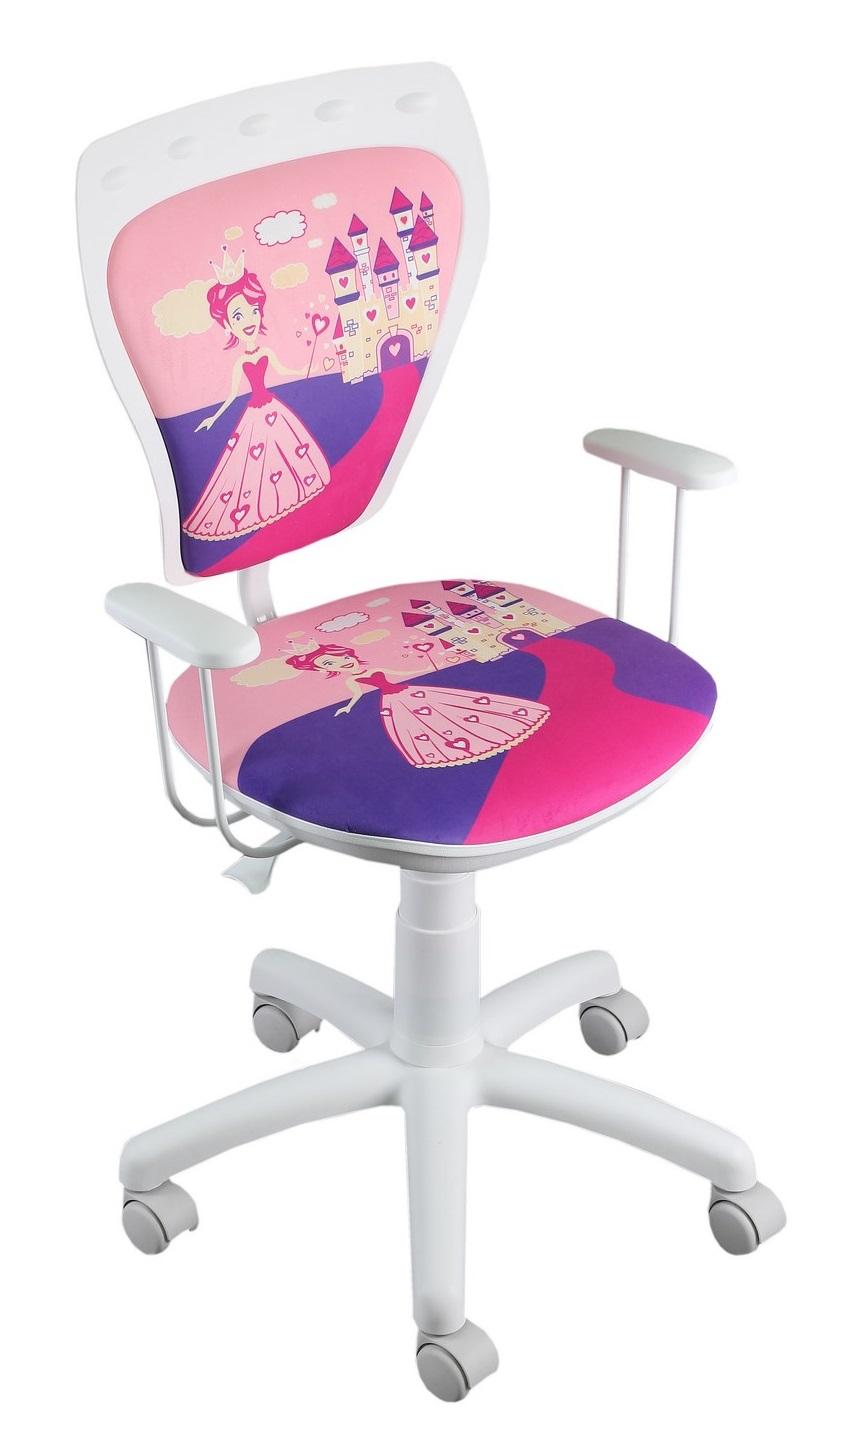 Krzesło Ministyle White Princess Daisy